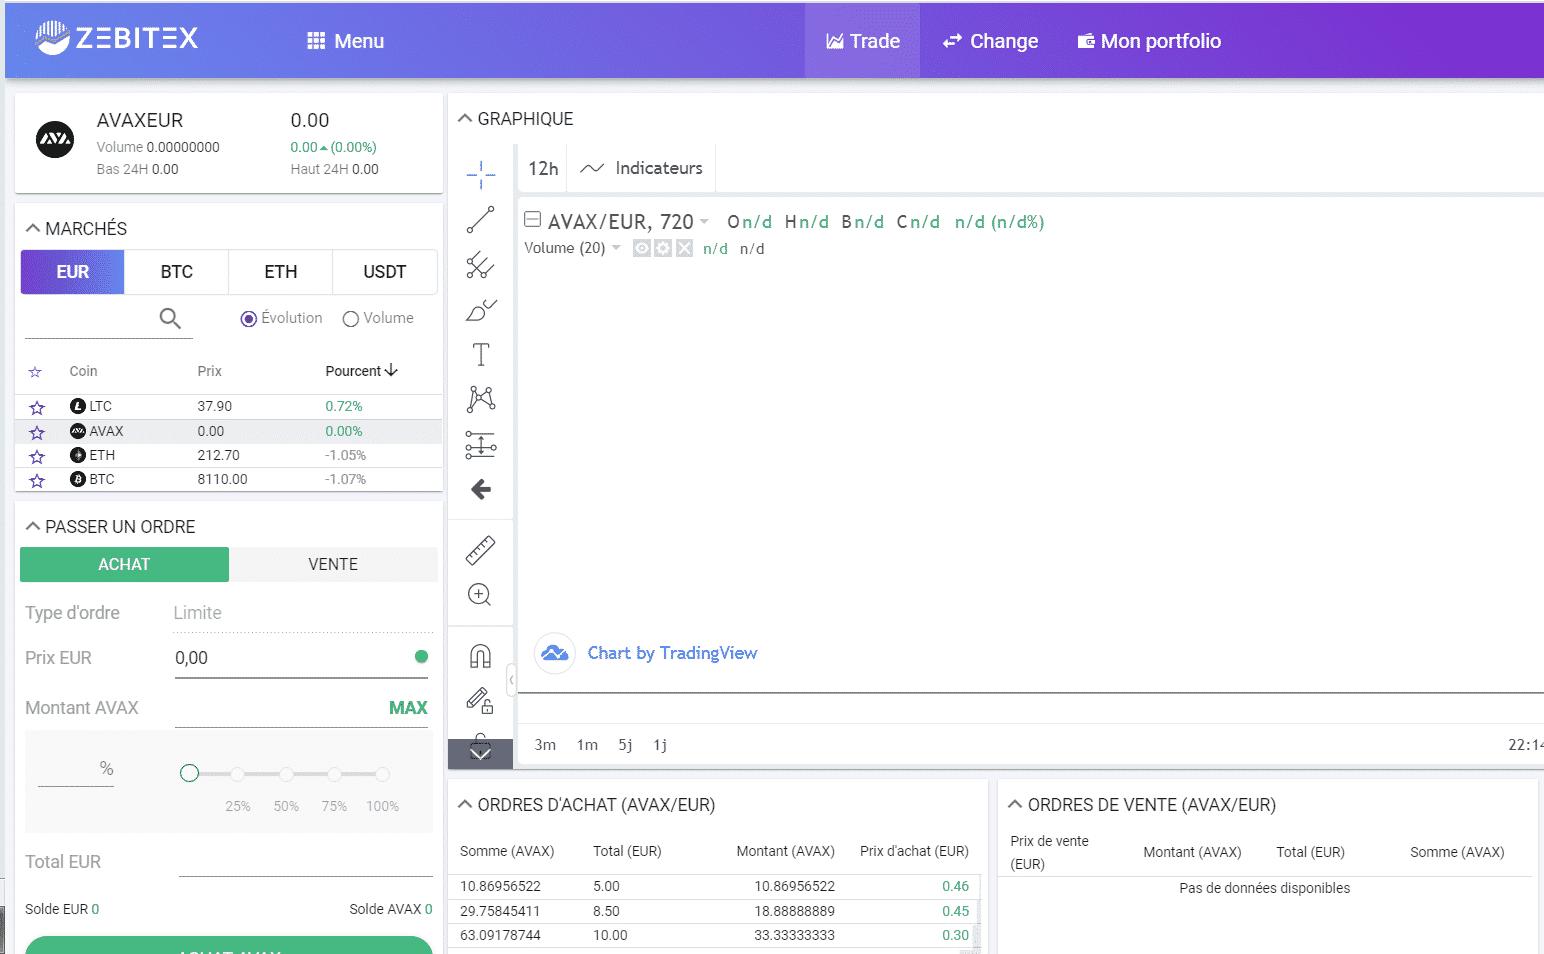 Le tableau de bord de trading de Zebitex